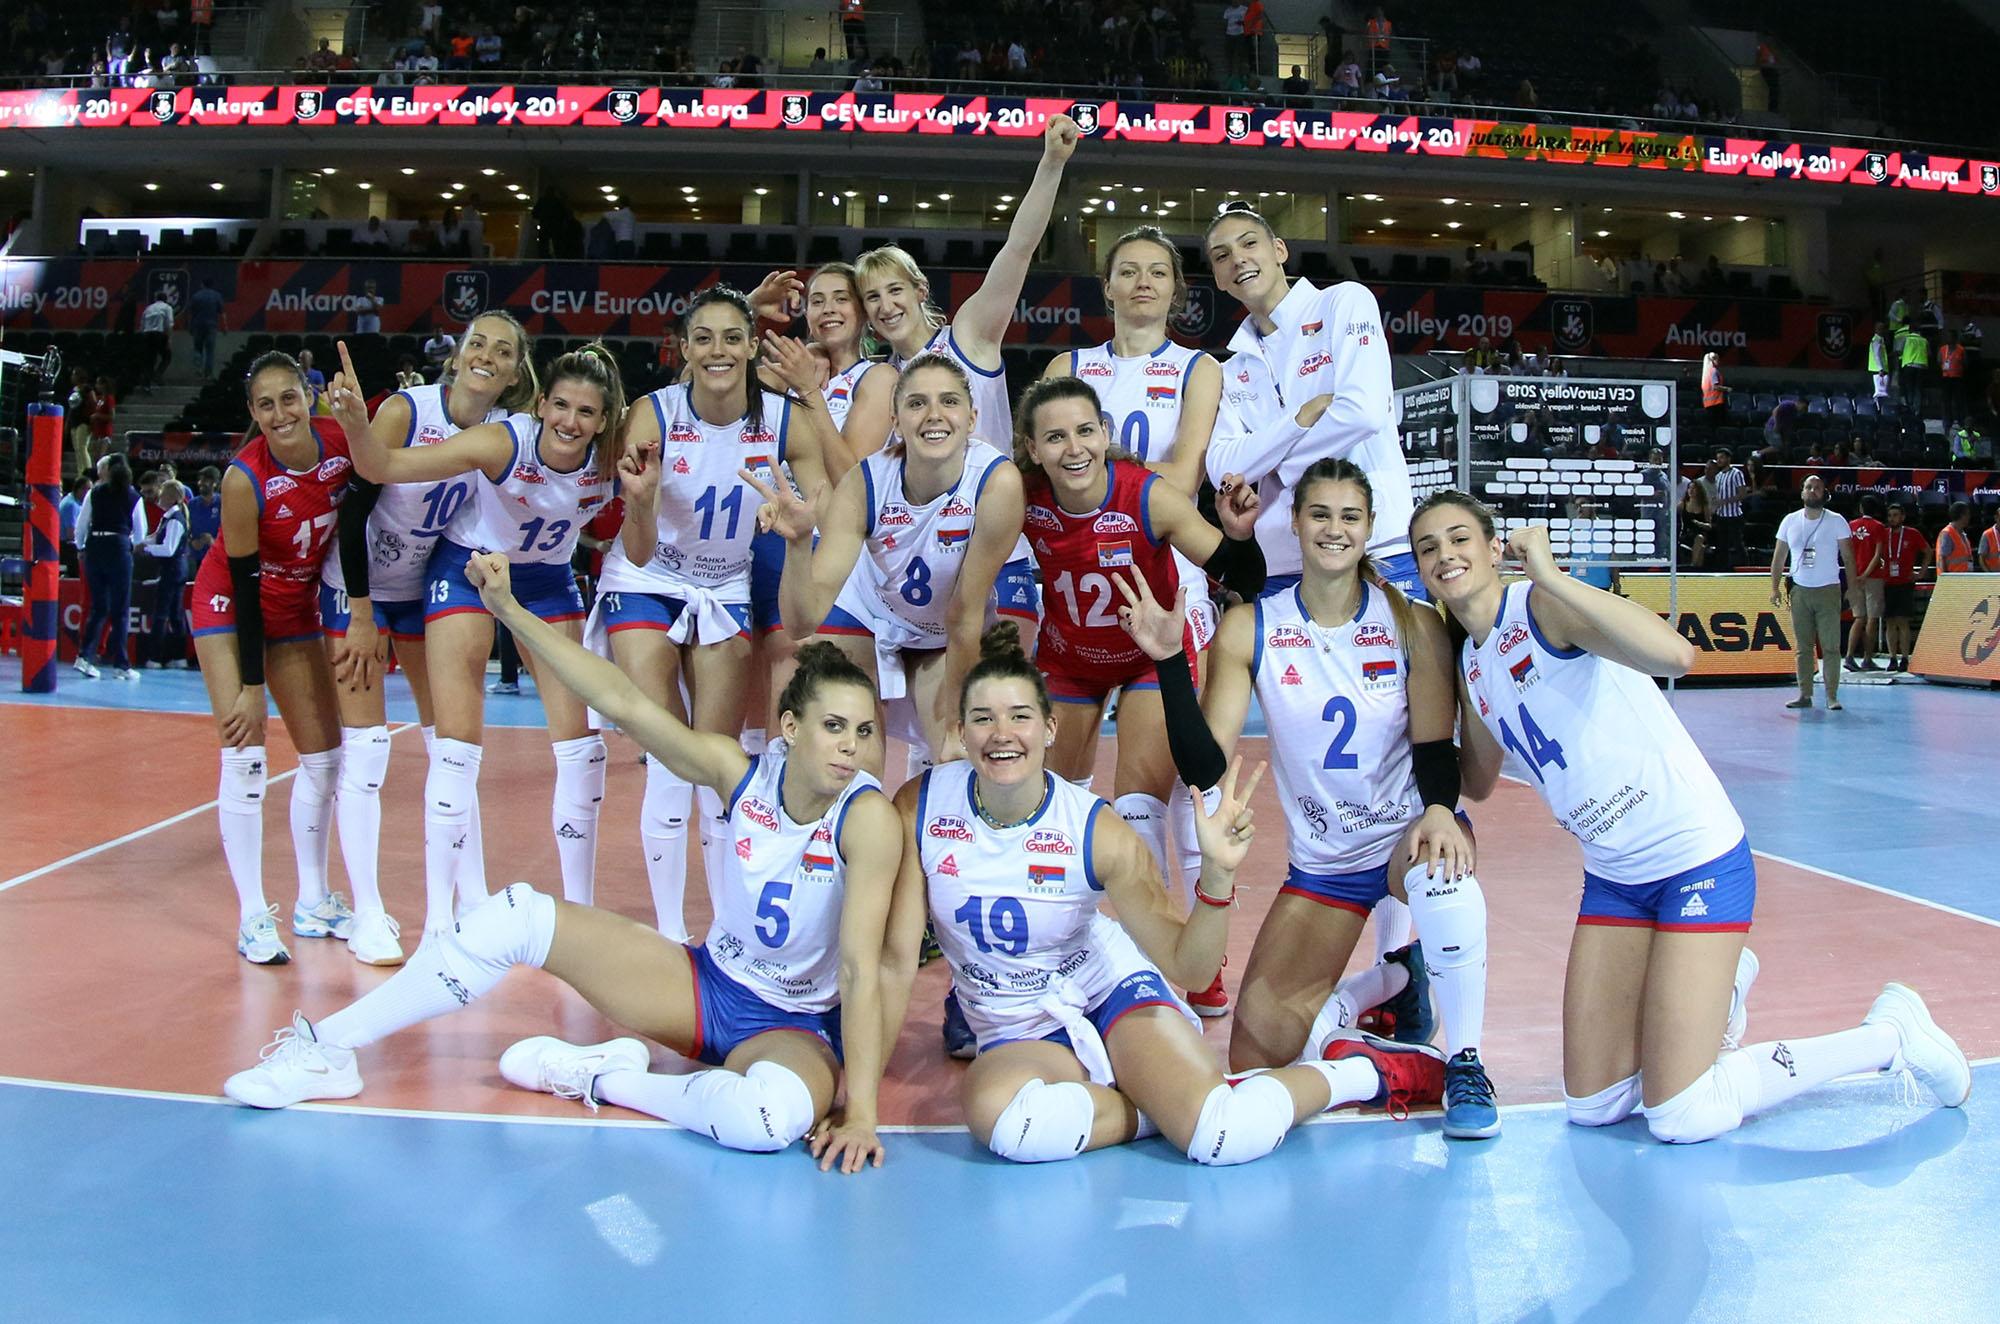 Sigurna igra Srbije za plasman u četvrtfinale EP